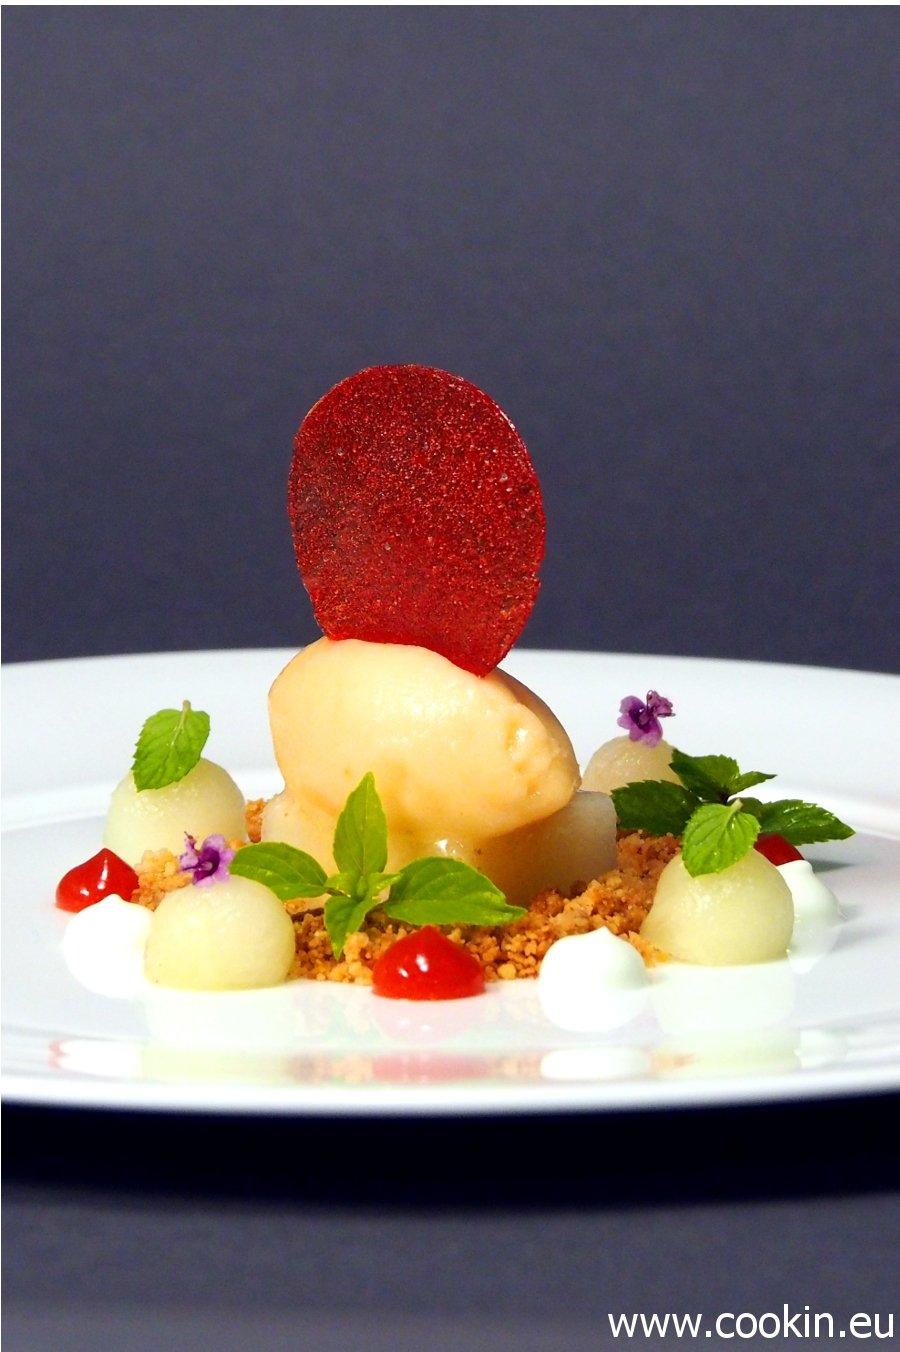 Melone Erdebeere 1 HK 900